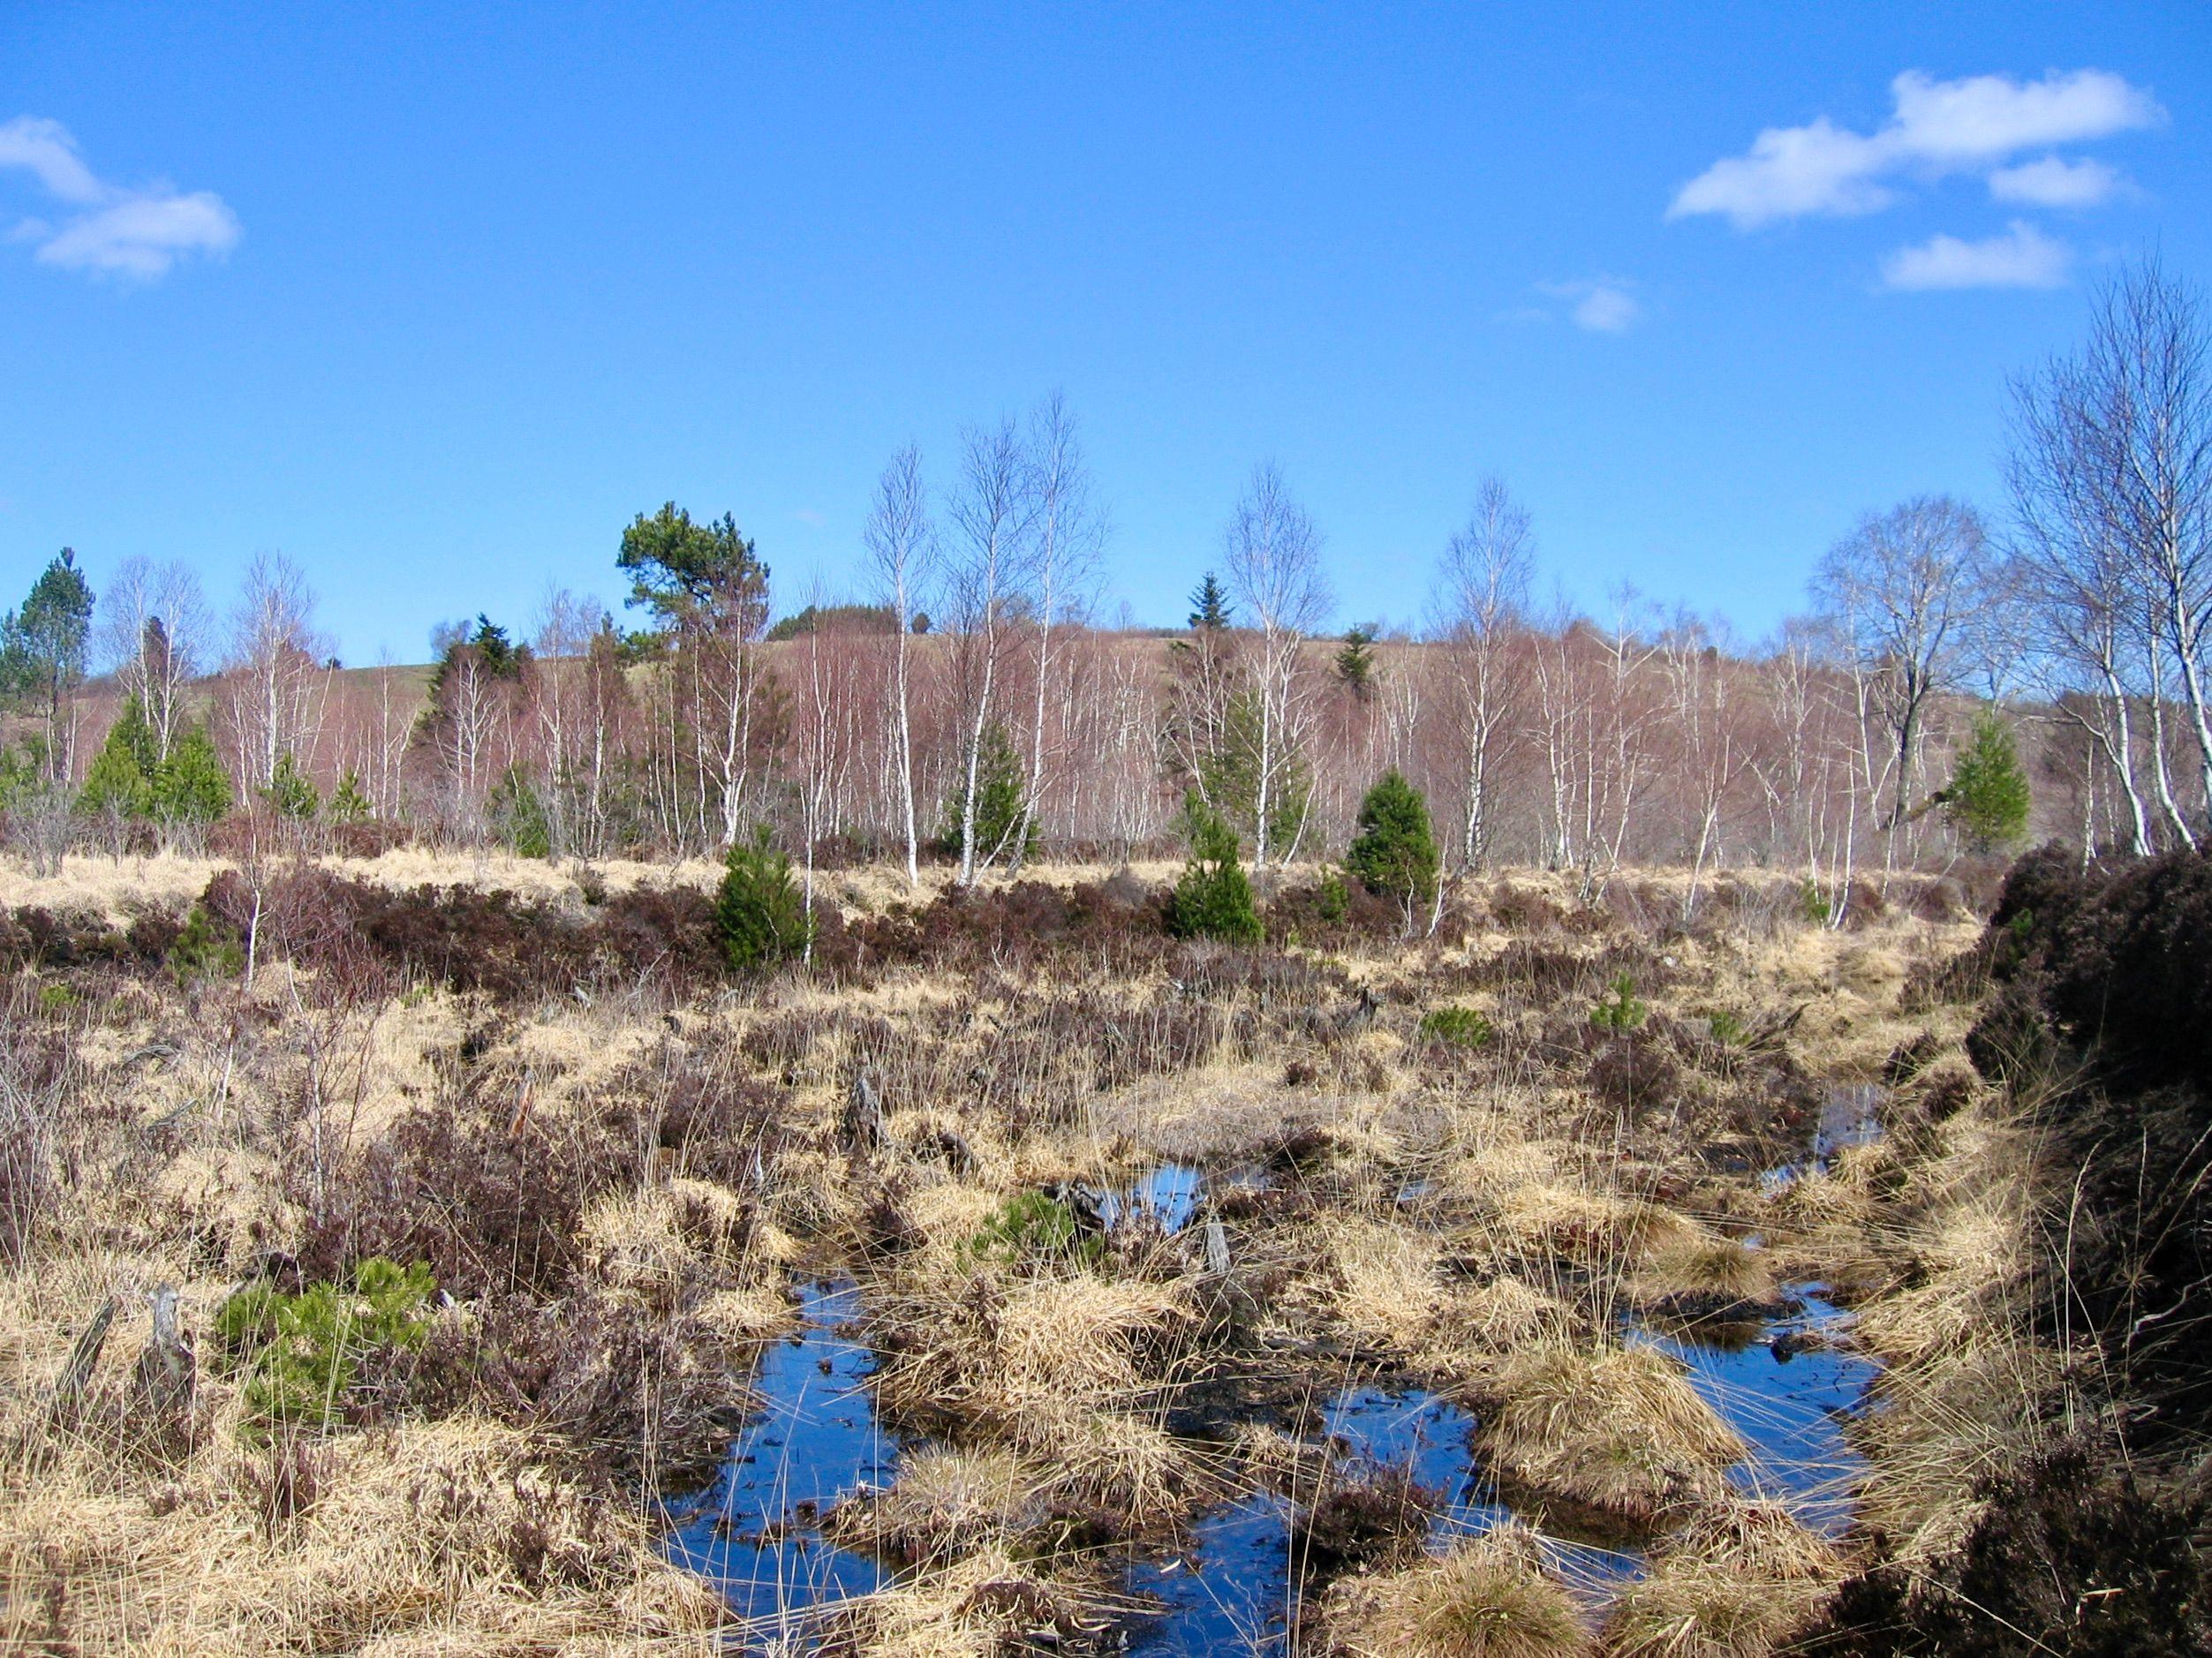 Une tourbière pyrénéenne en voie de colonisation par des espèces ligneuses suite à son drainage.